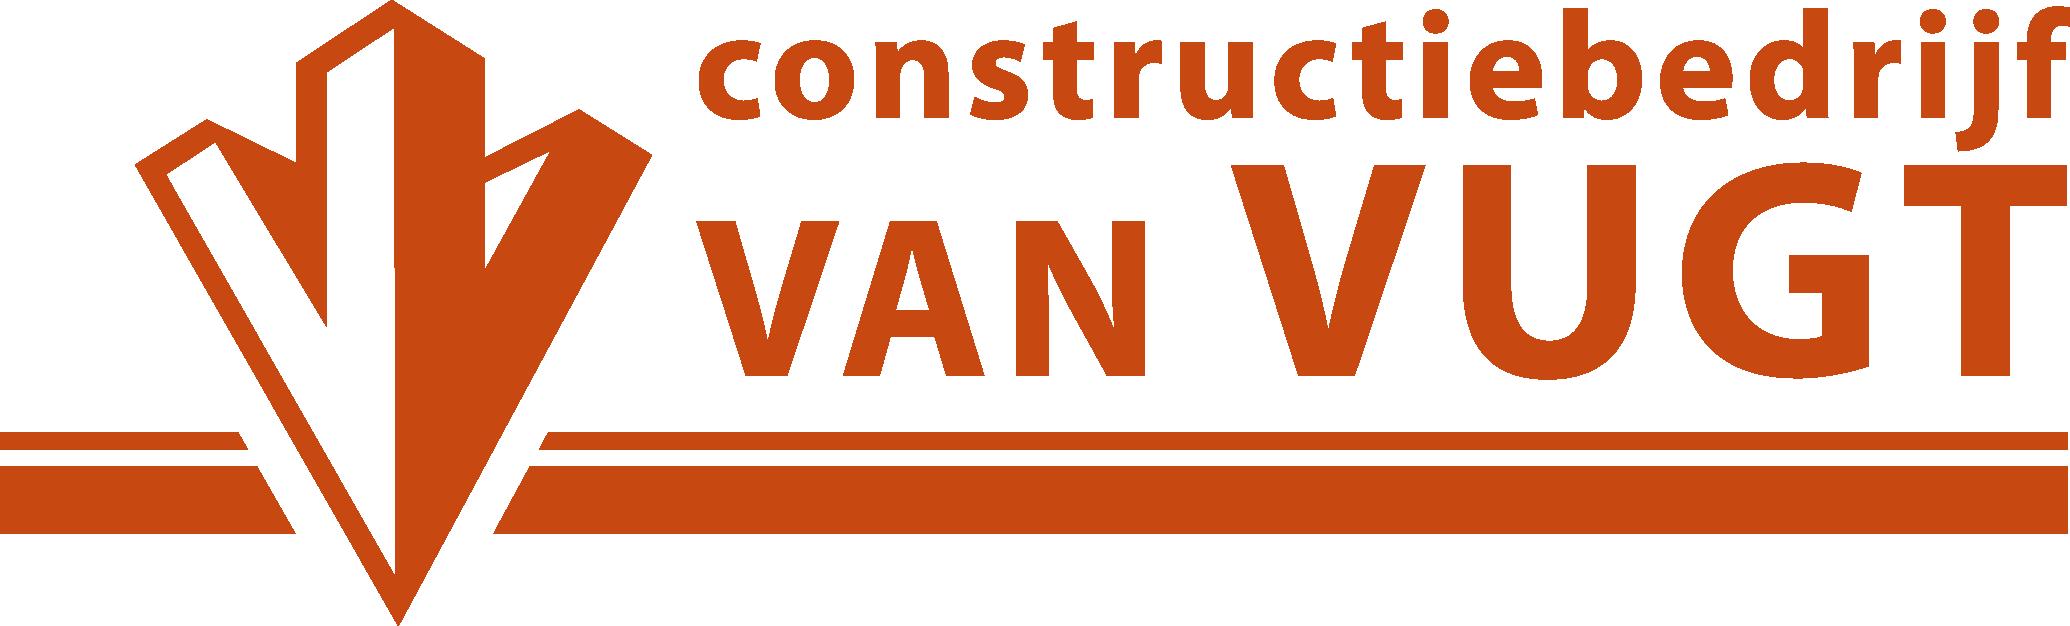 Constructiebedrijf Van Vugt